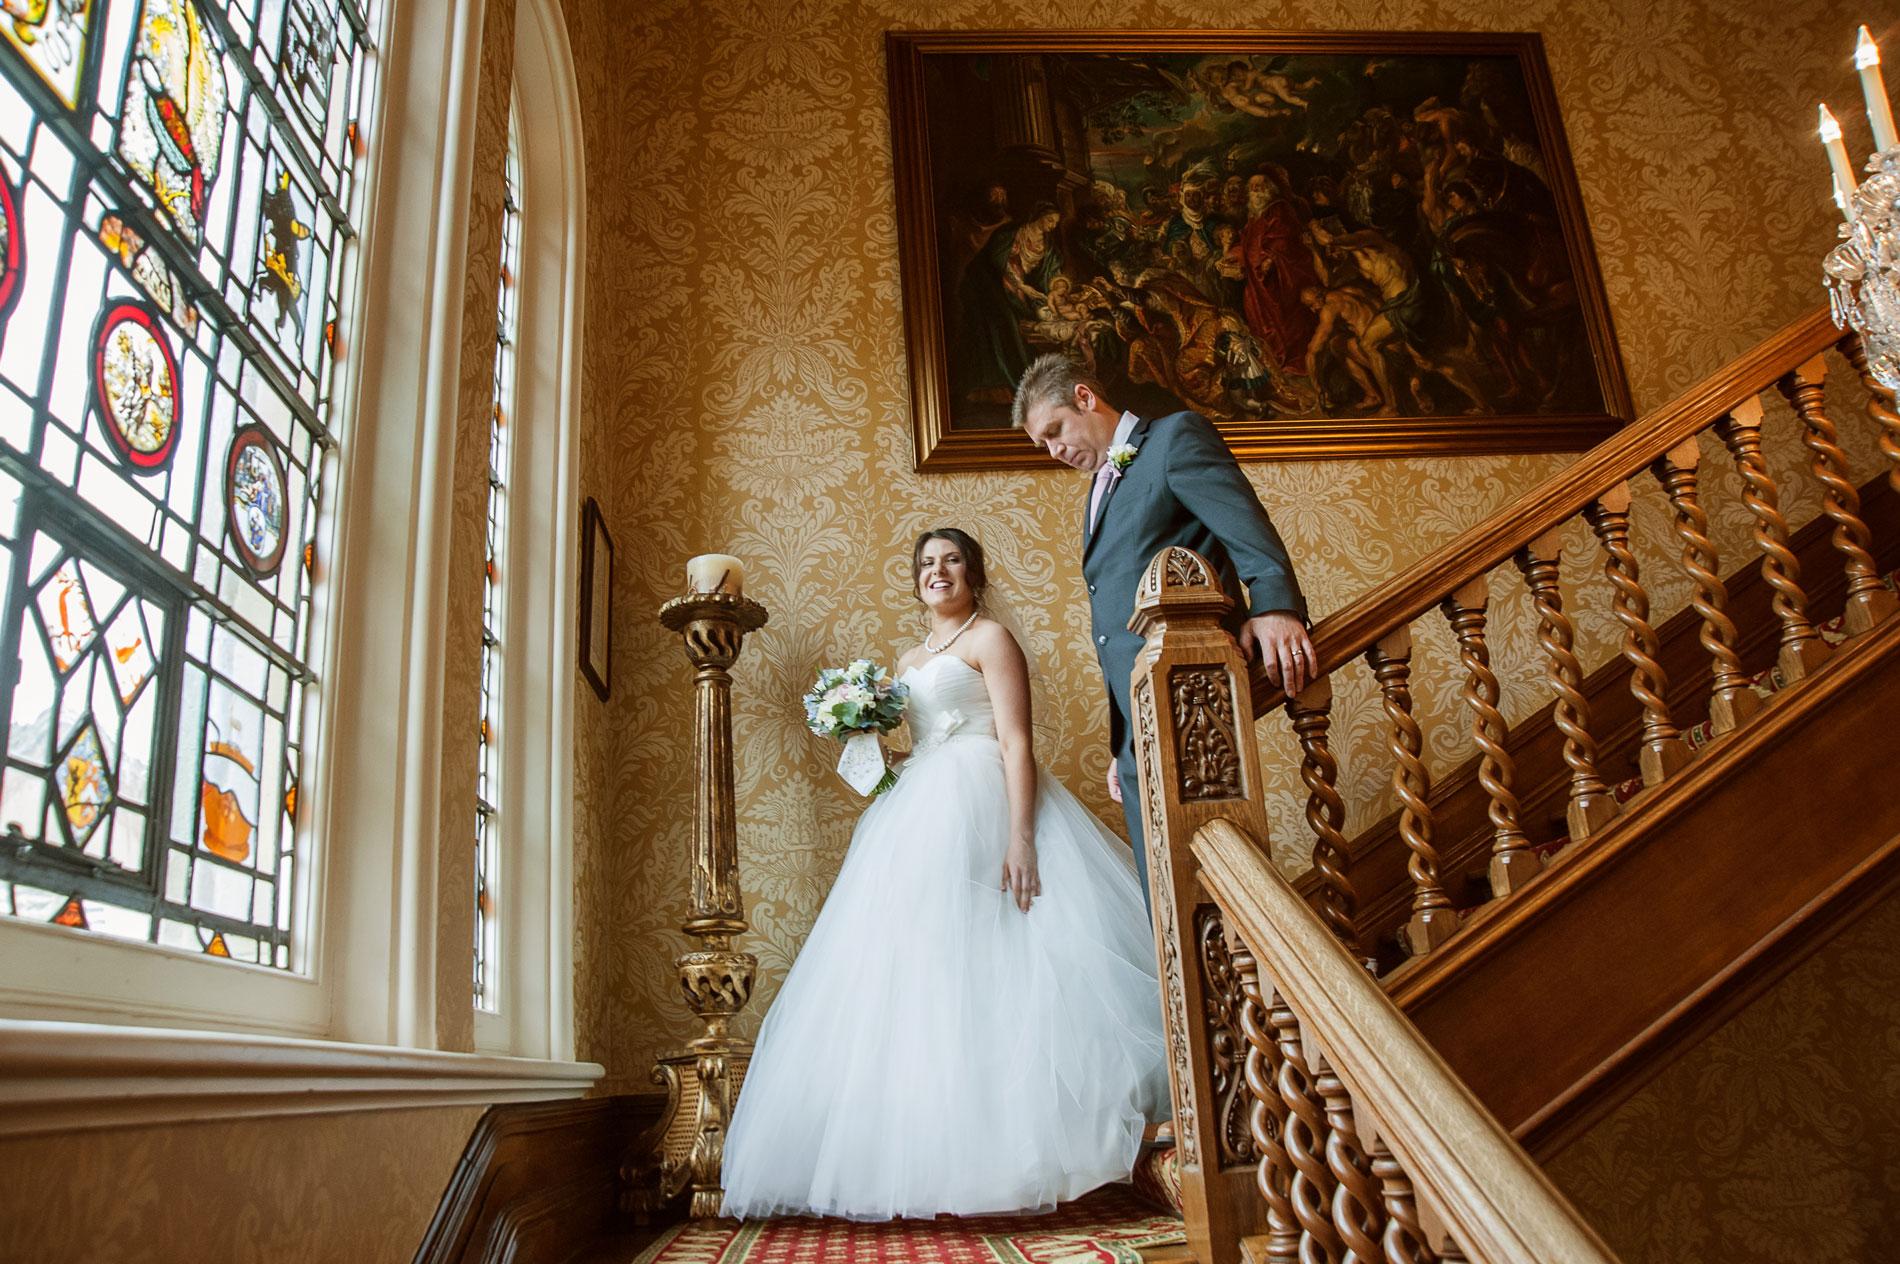 Kilworth-weddings-_21.jpg